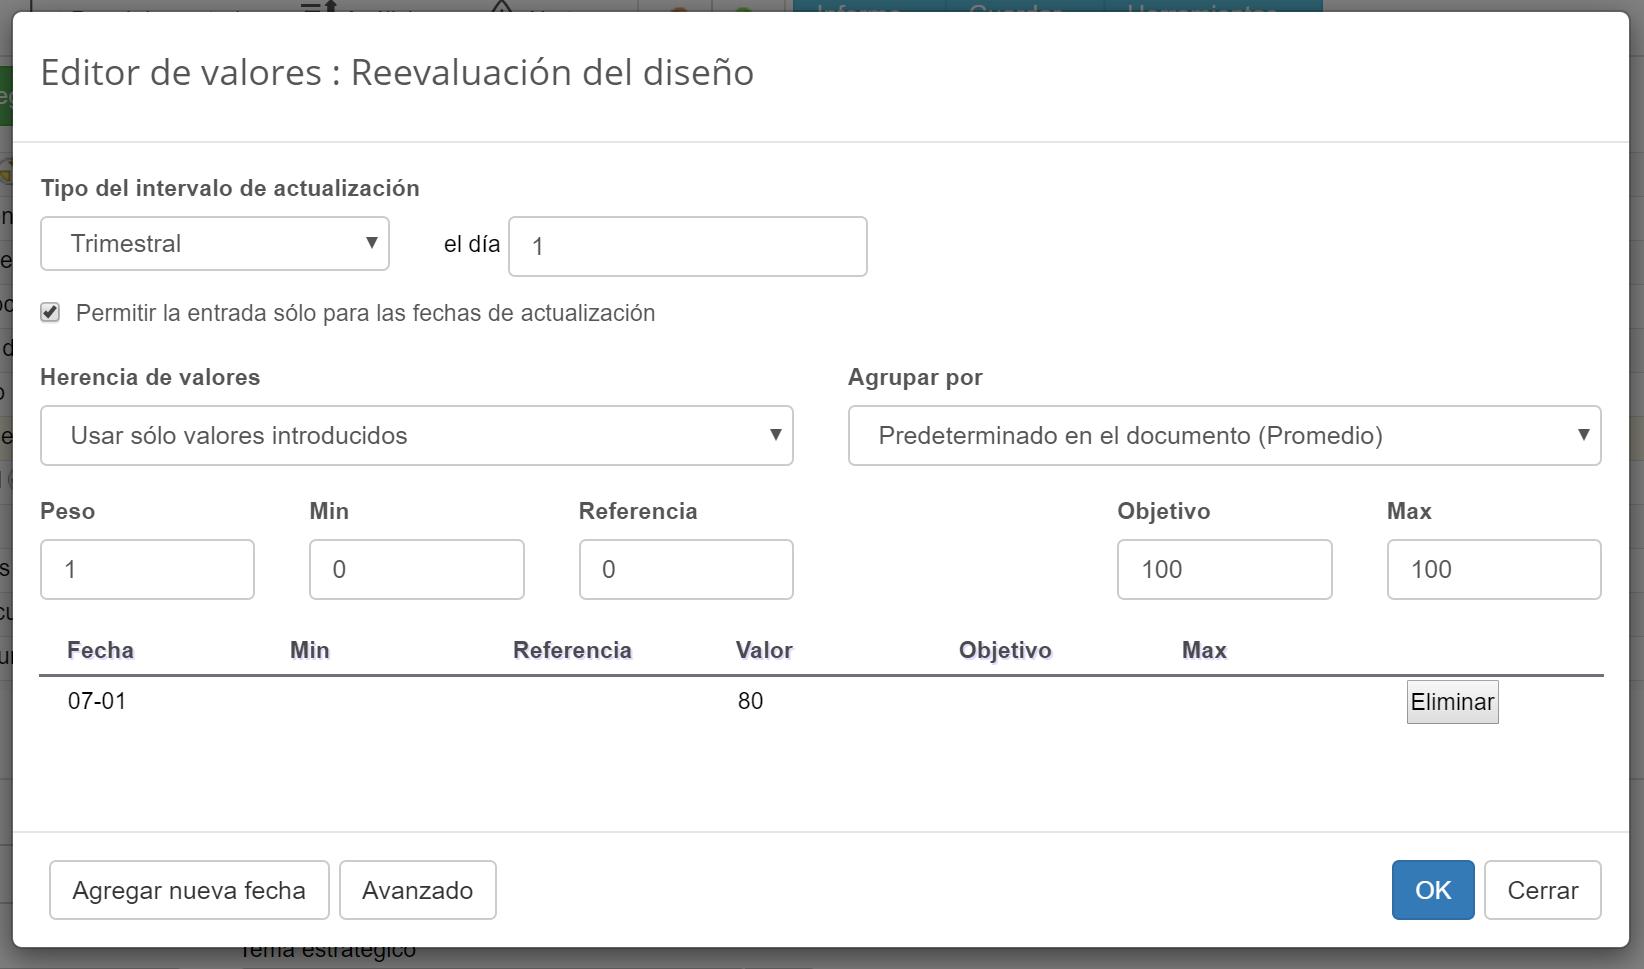 Configuración del KPI para revalorización del diseño